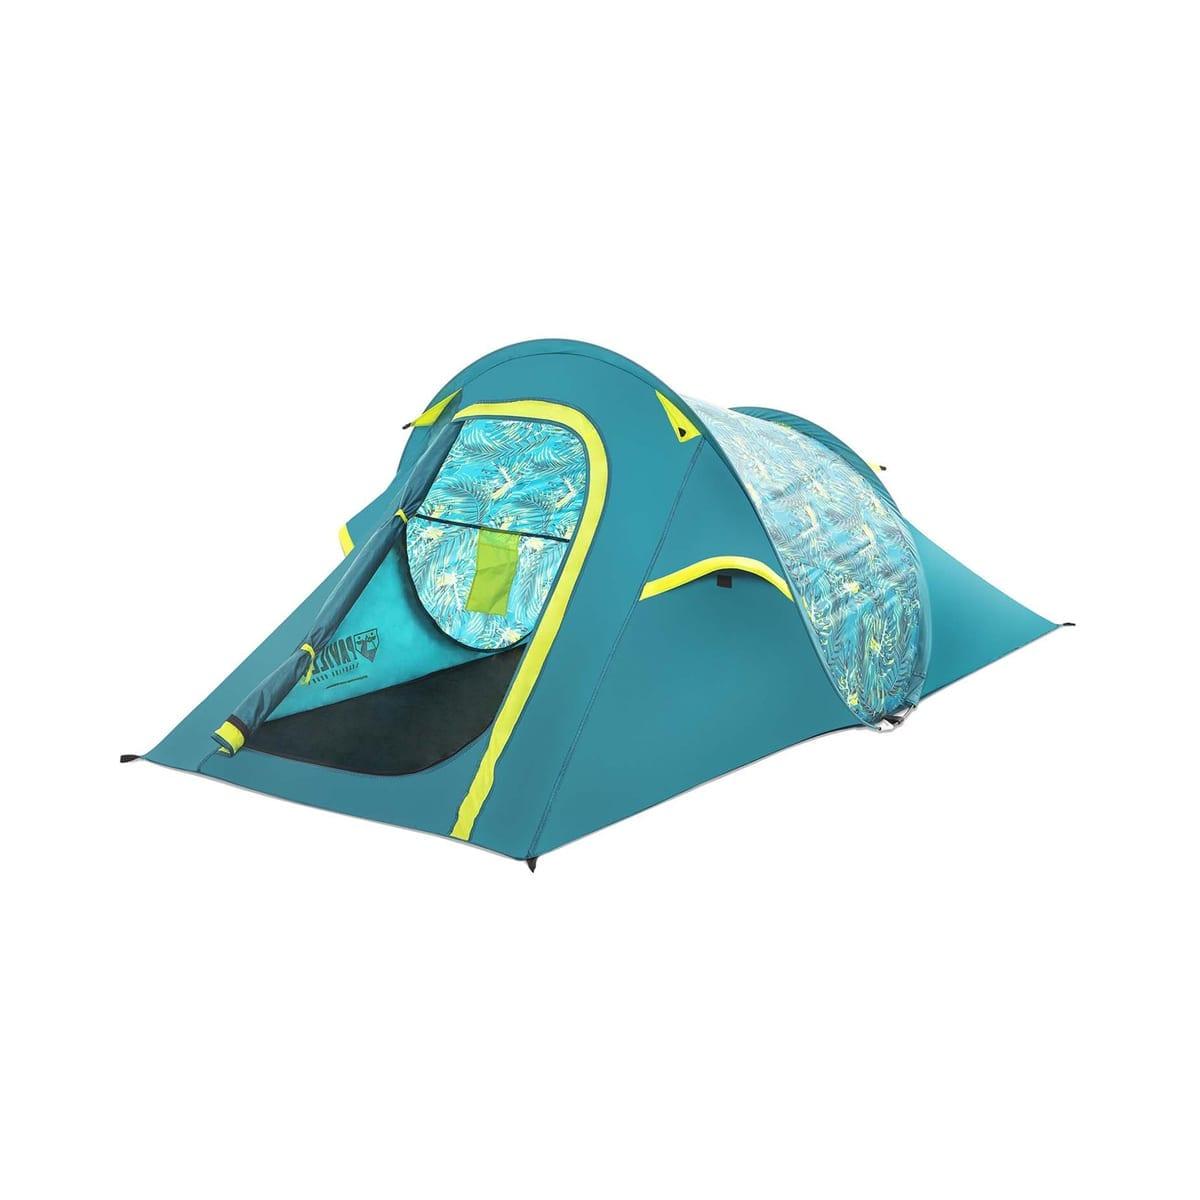 Bestway Coolrock Tent